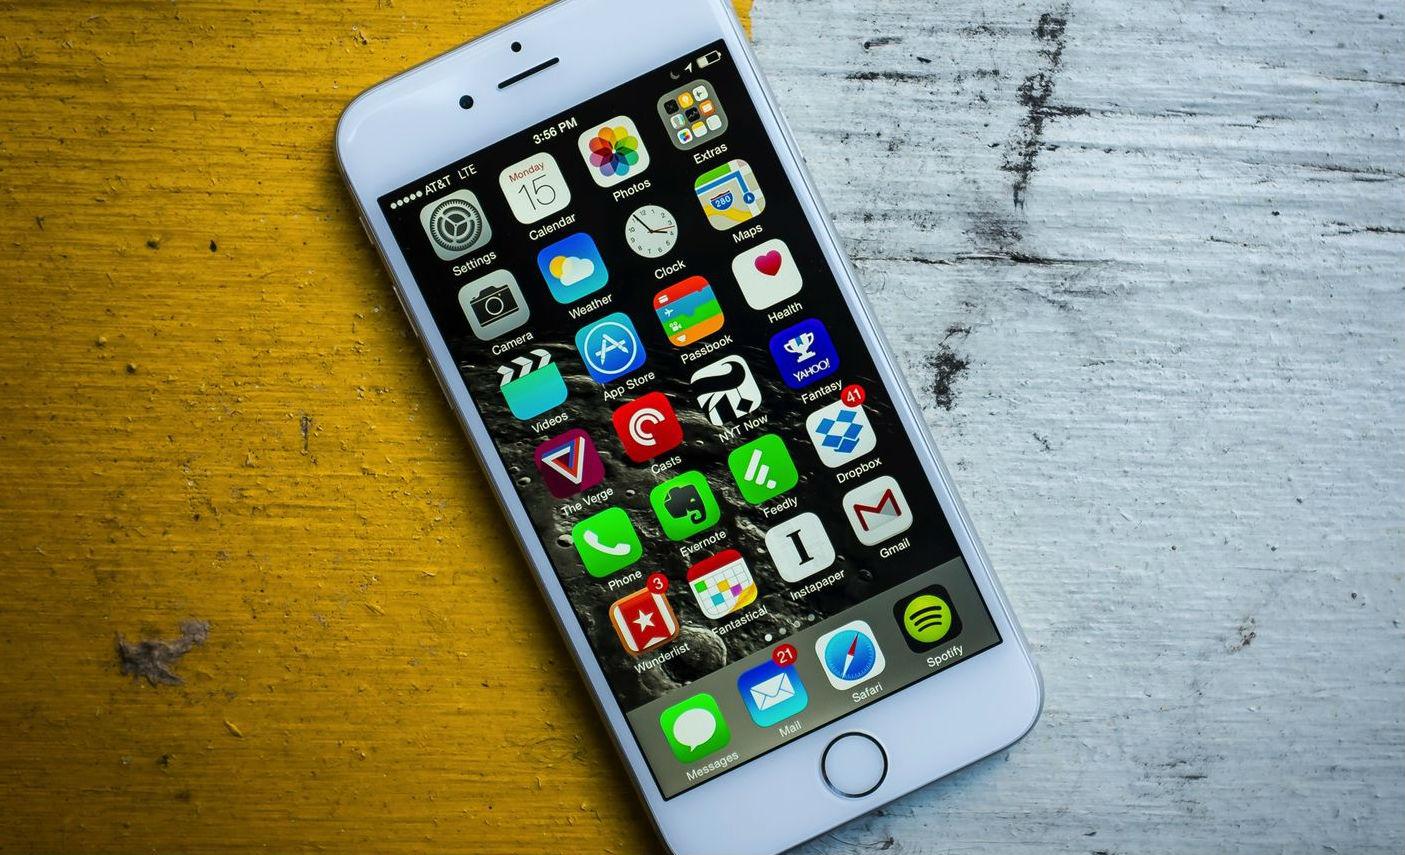 اخبار الامارات العاجلة iPhone-2-660x330 فيديو يكشف عن ثغرة تؤدي إلى تجميد كامل لهاتف الأيفون أخبار التقنية  آيفون reddit mp4 iphone ios 10.2 ios 10.1 imessage   اخبار الامارات العاجلة iPhone-2 فيديو يكشف عن ثغرة تؤدي إلى تجميد كامل لهاتف الأيفون أخبار التقنية  آيفون reddit mp4 iphone ios 10.2 ios 10.1 imessage